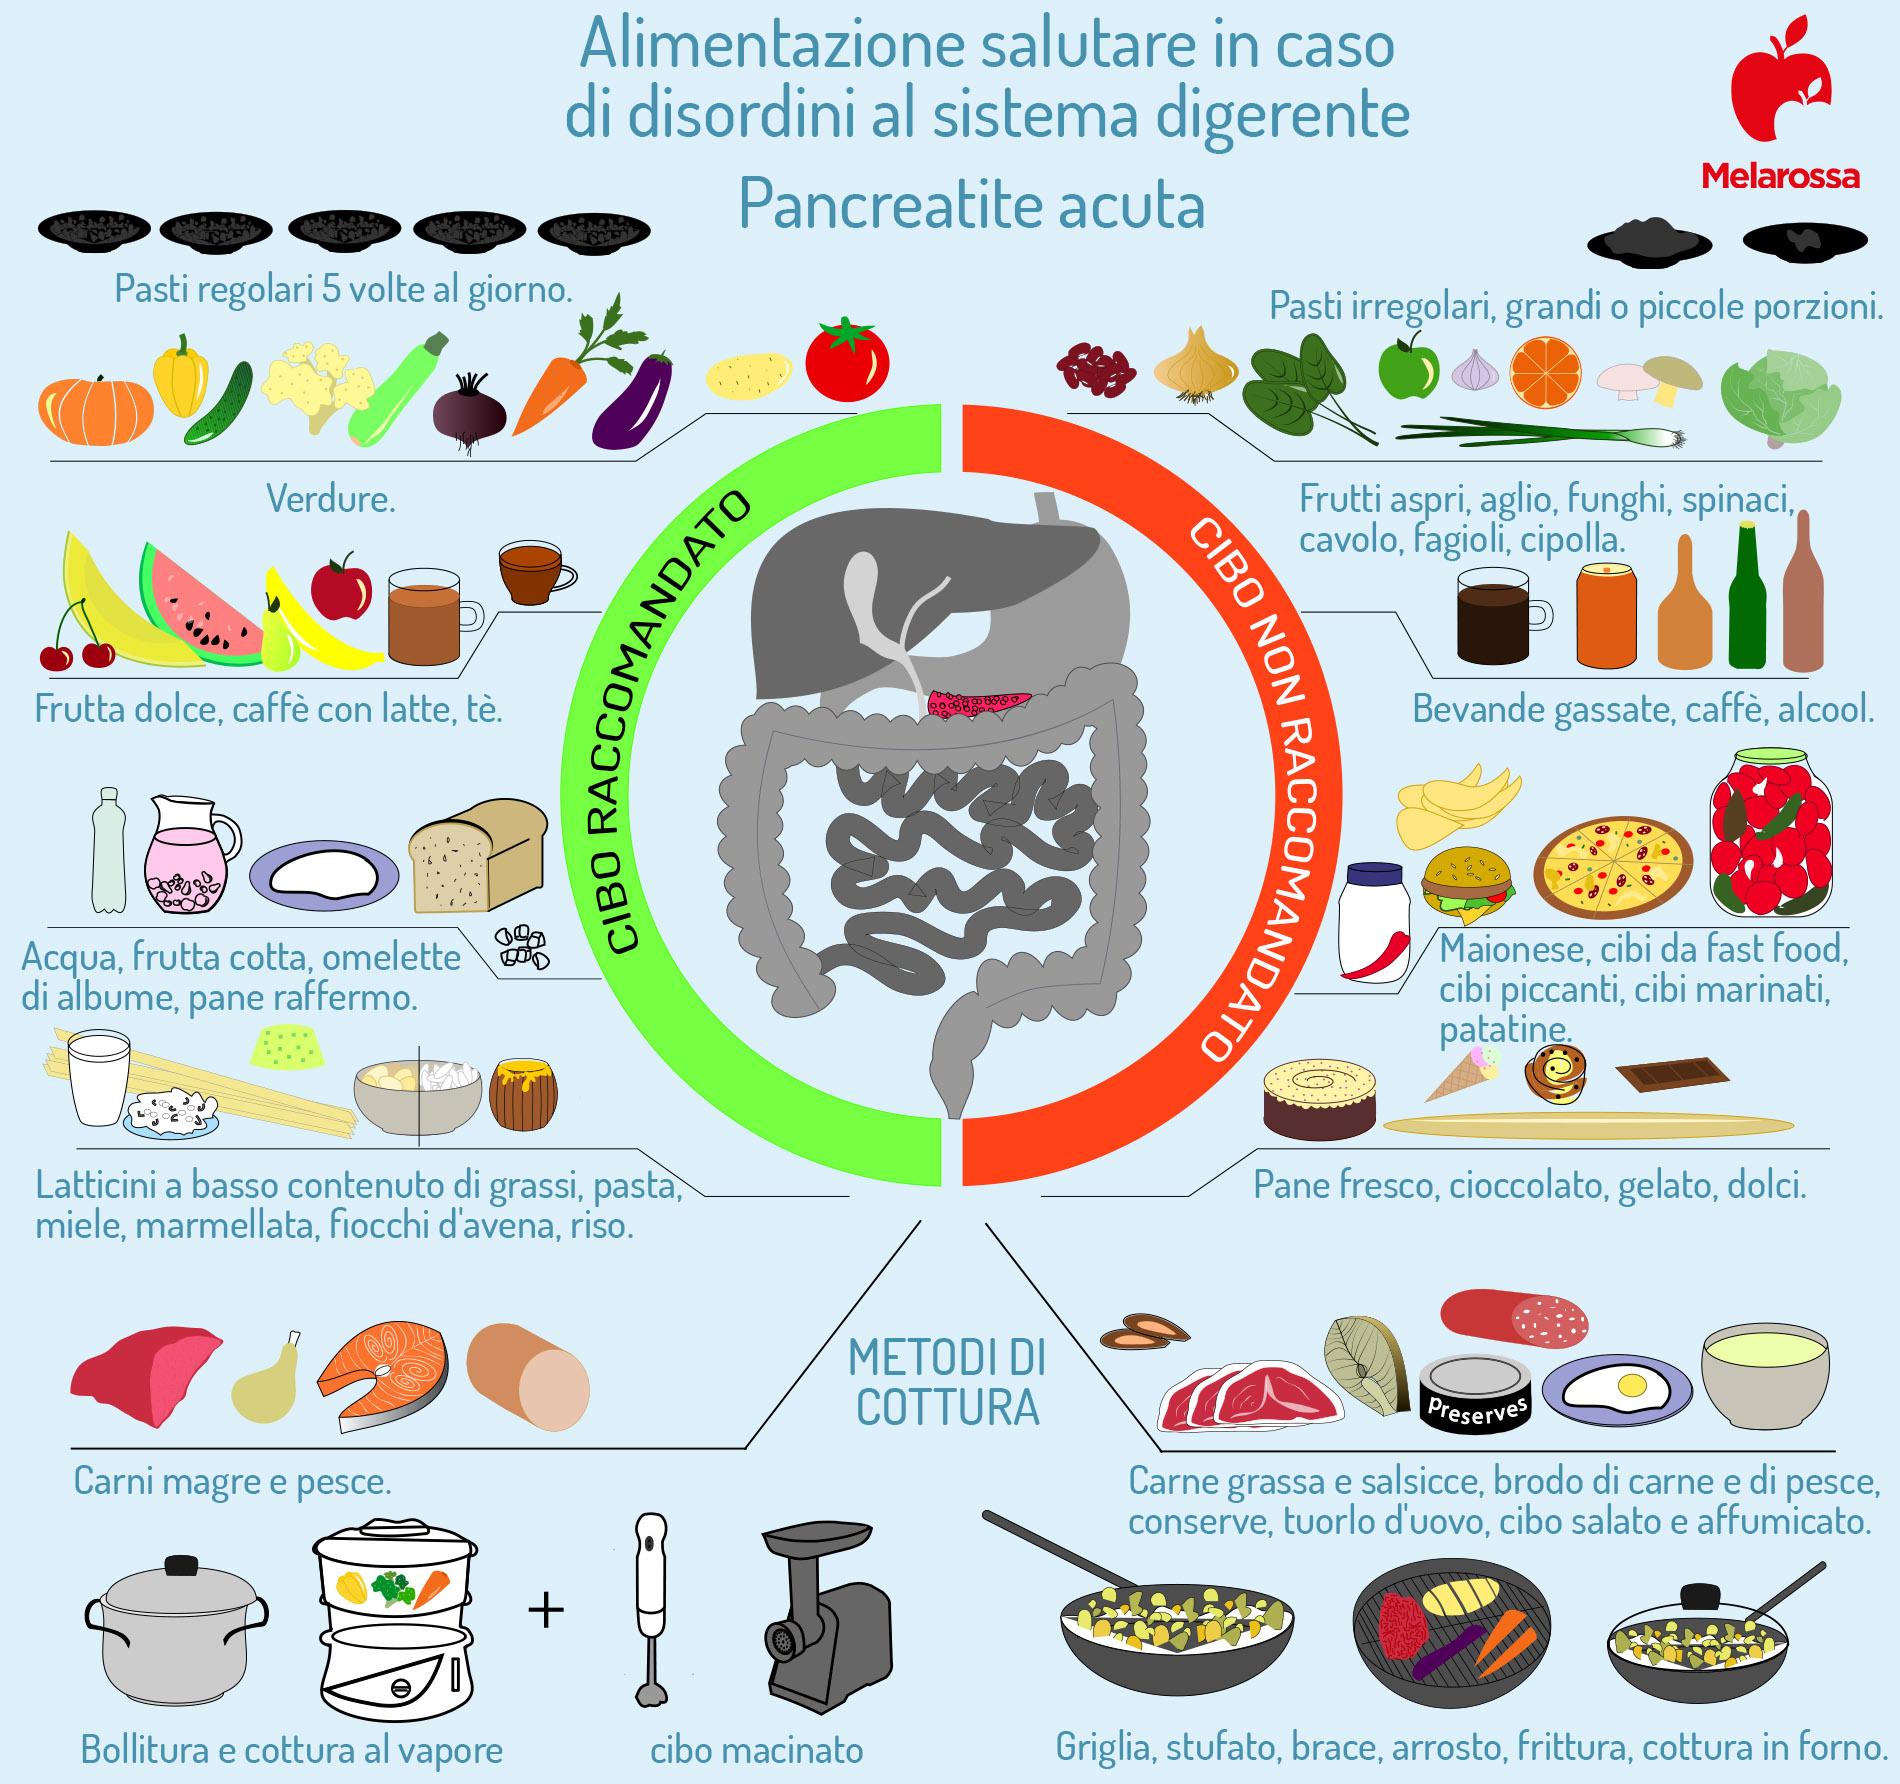 pancreatite acuta: dieta da seguire